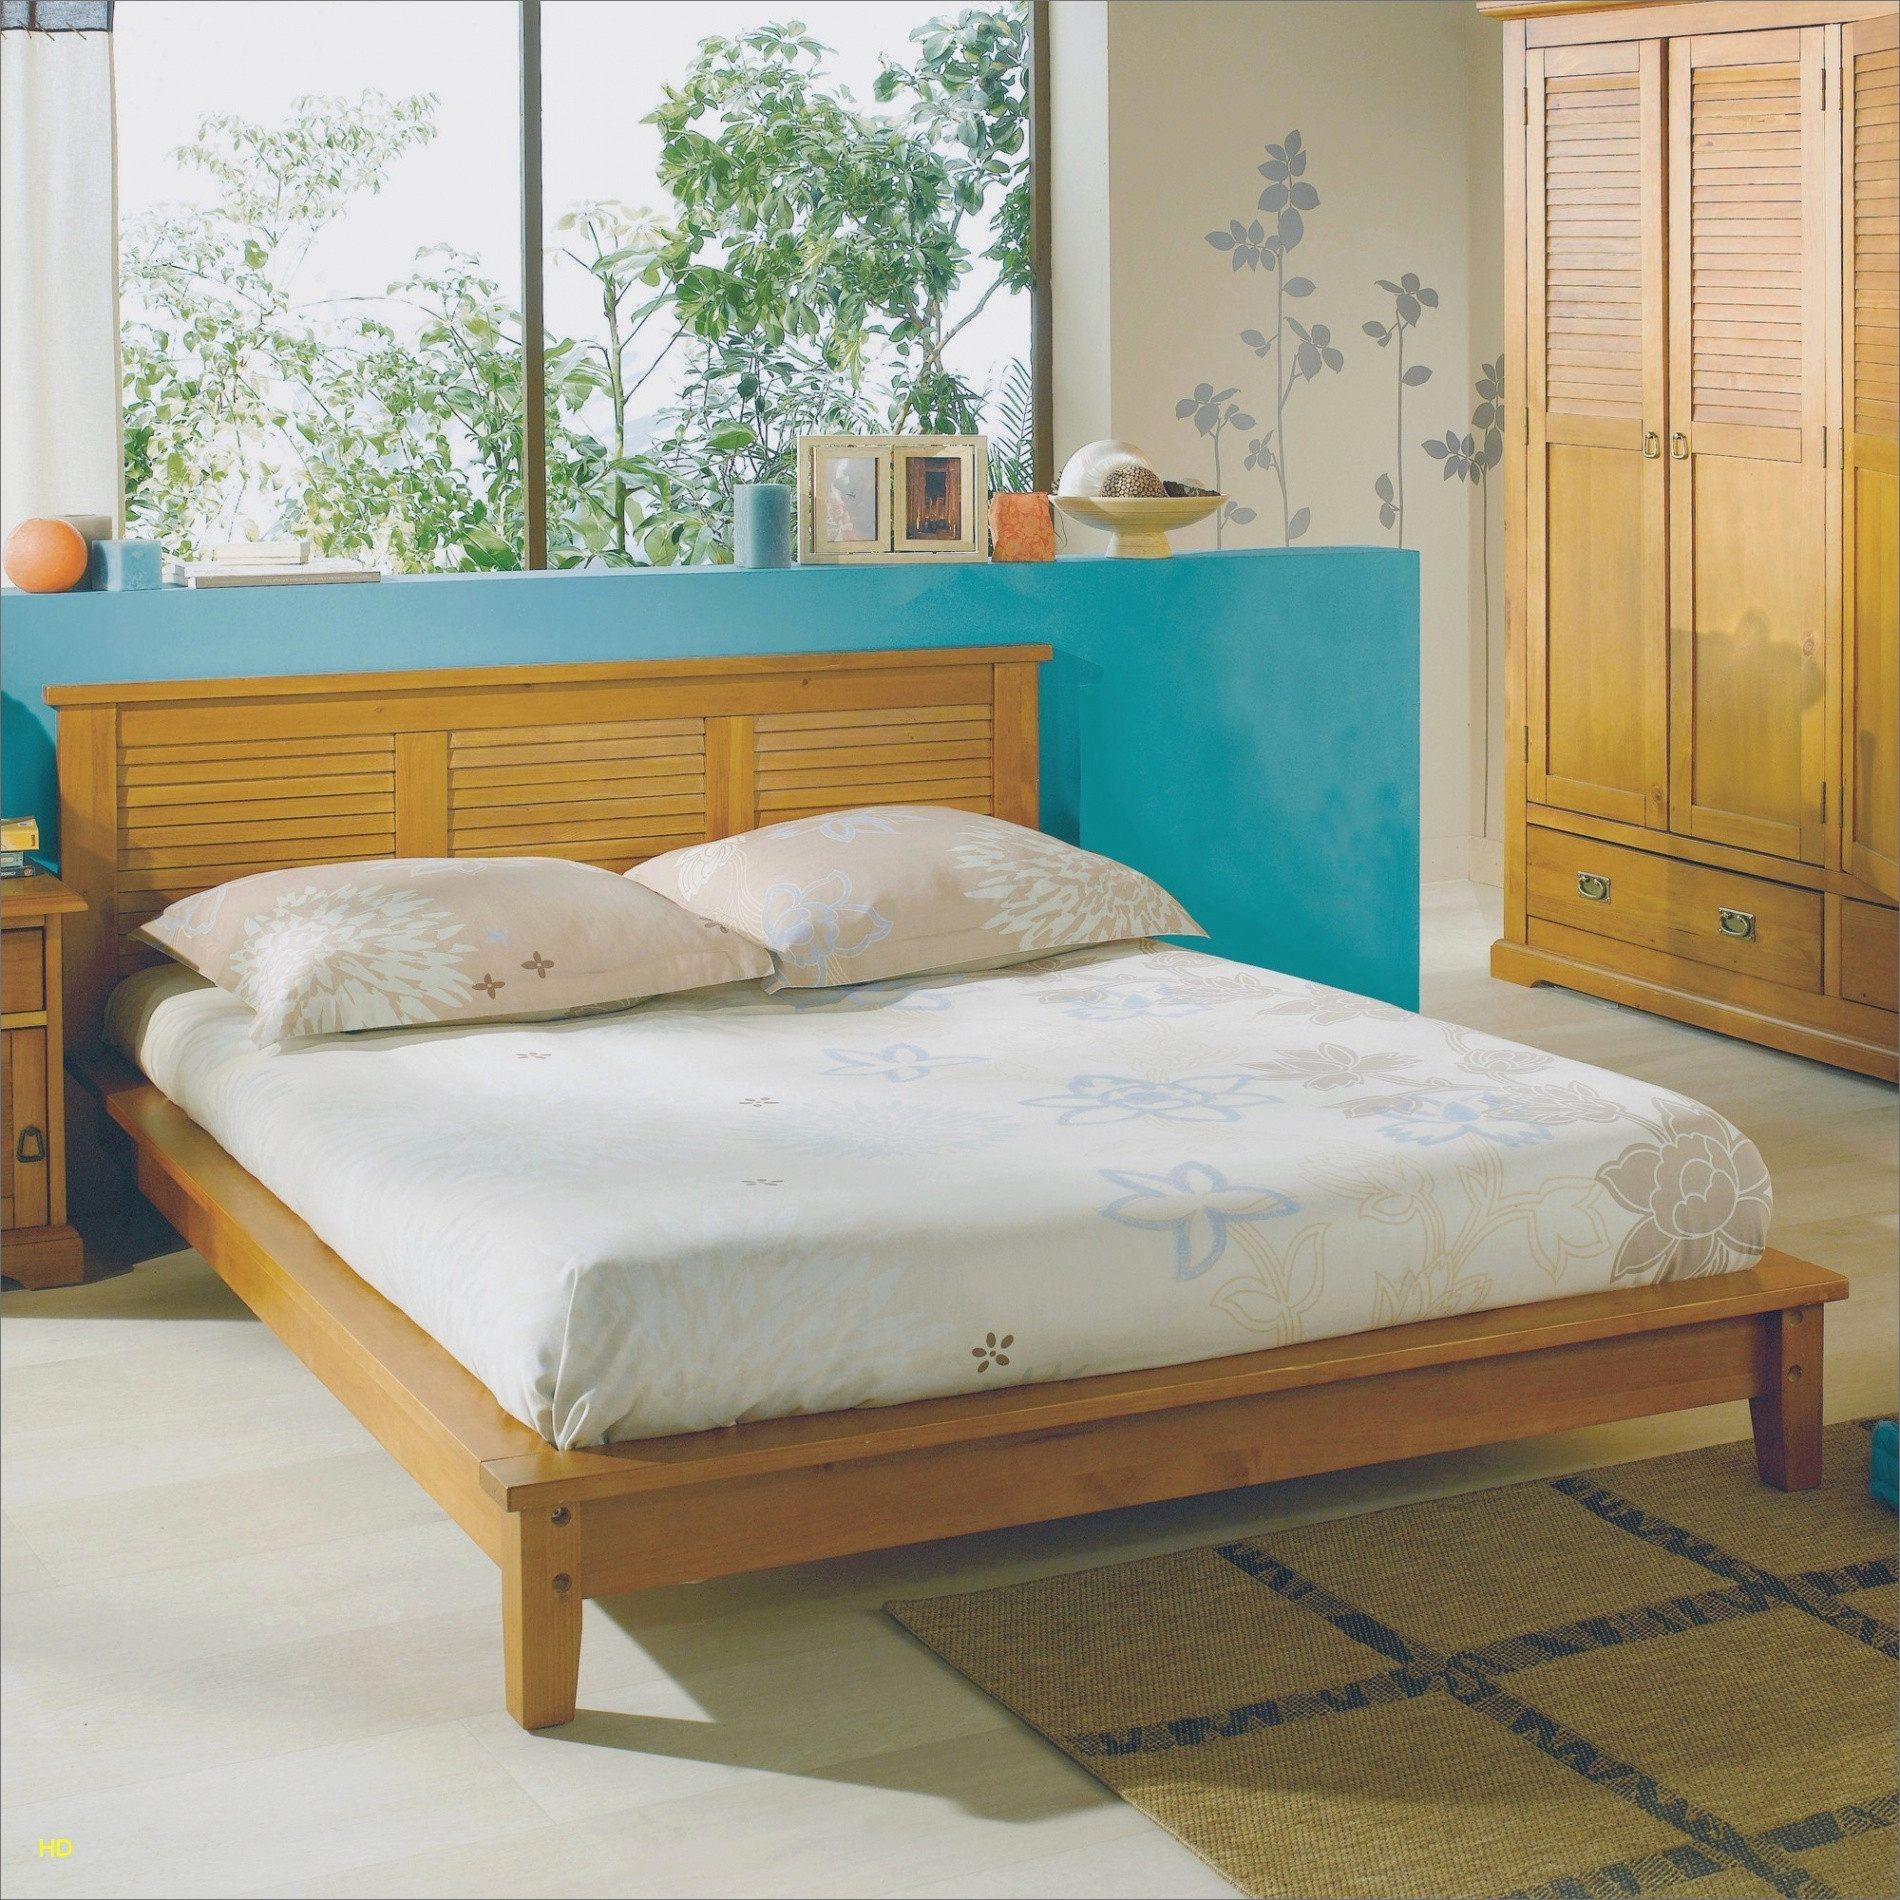 Tete De Lit Rangement 140 Unique Tete De Lit Rangement 160 Ikea Tete De Lit 160 Meilleur De Image